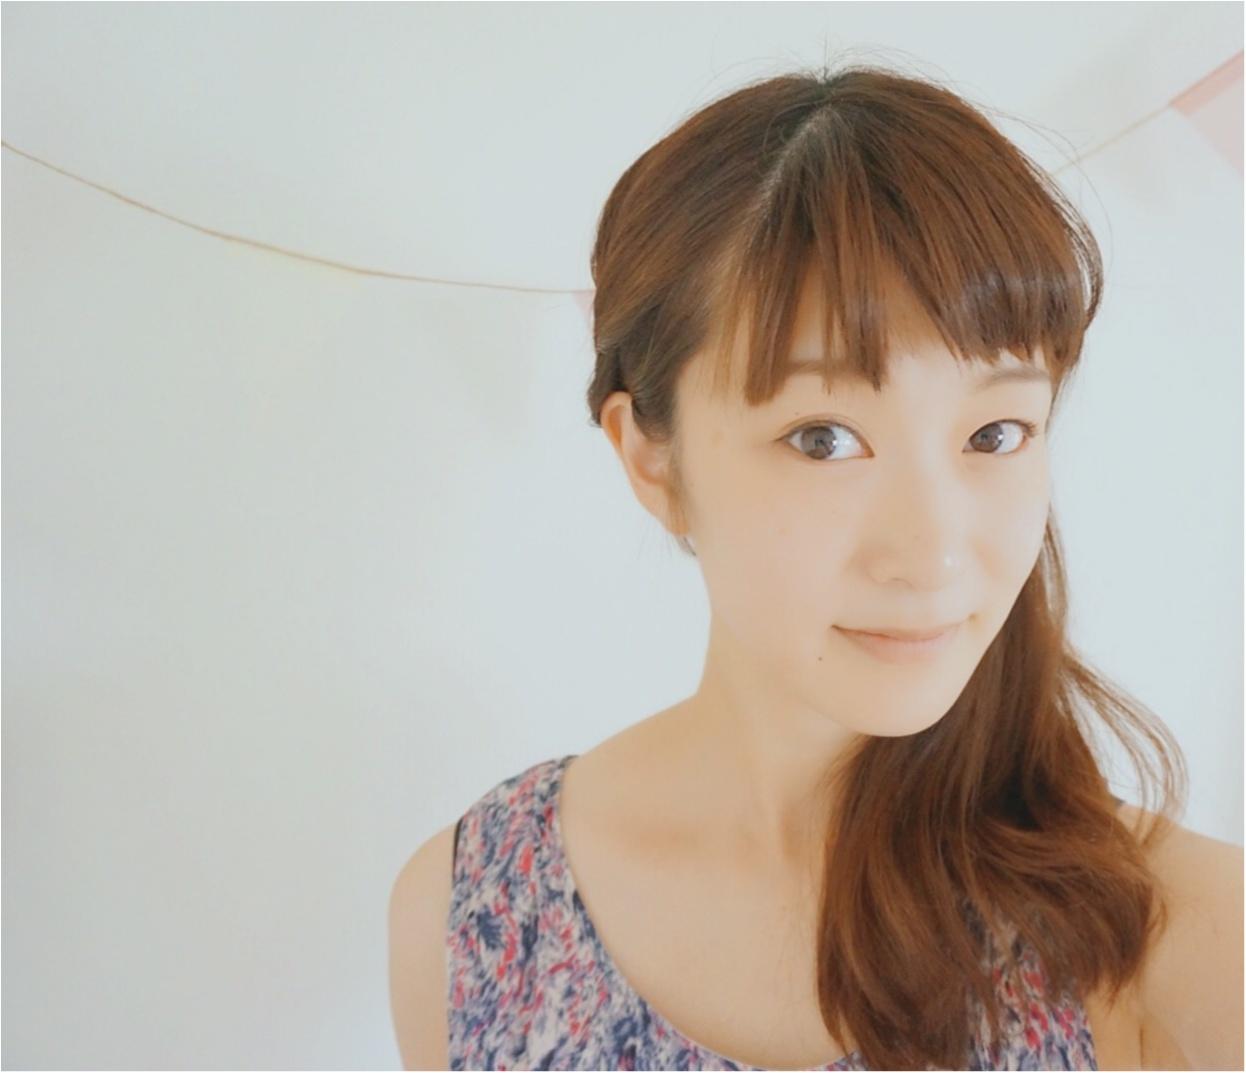 お気に入りのお洋服は【簡単ヘアアレンジ】でさらに可愛く❤️アメピン2本&5分で完成の女度UPヘア_4